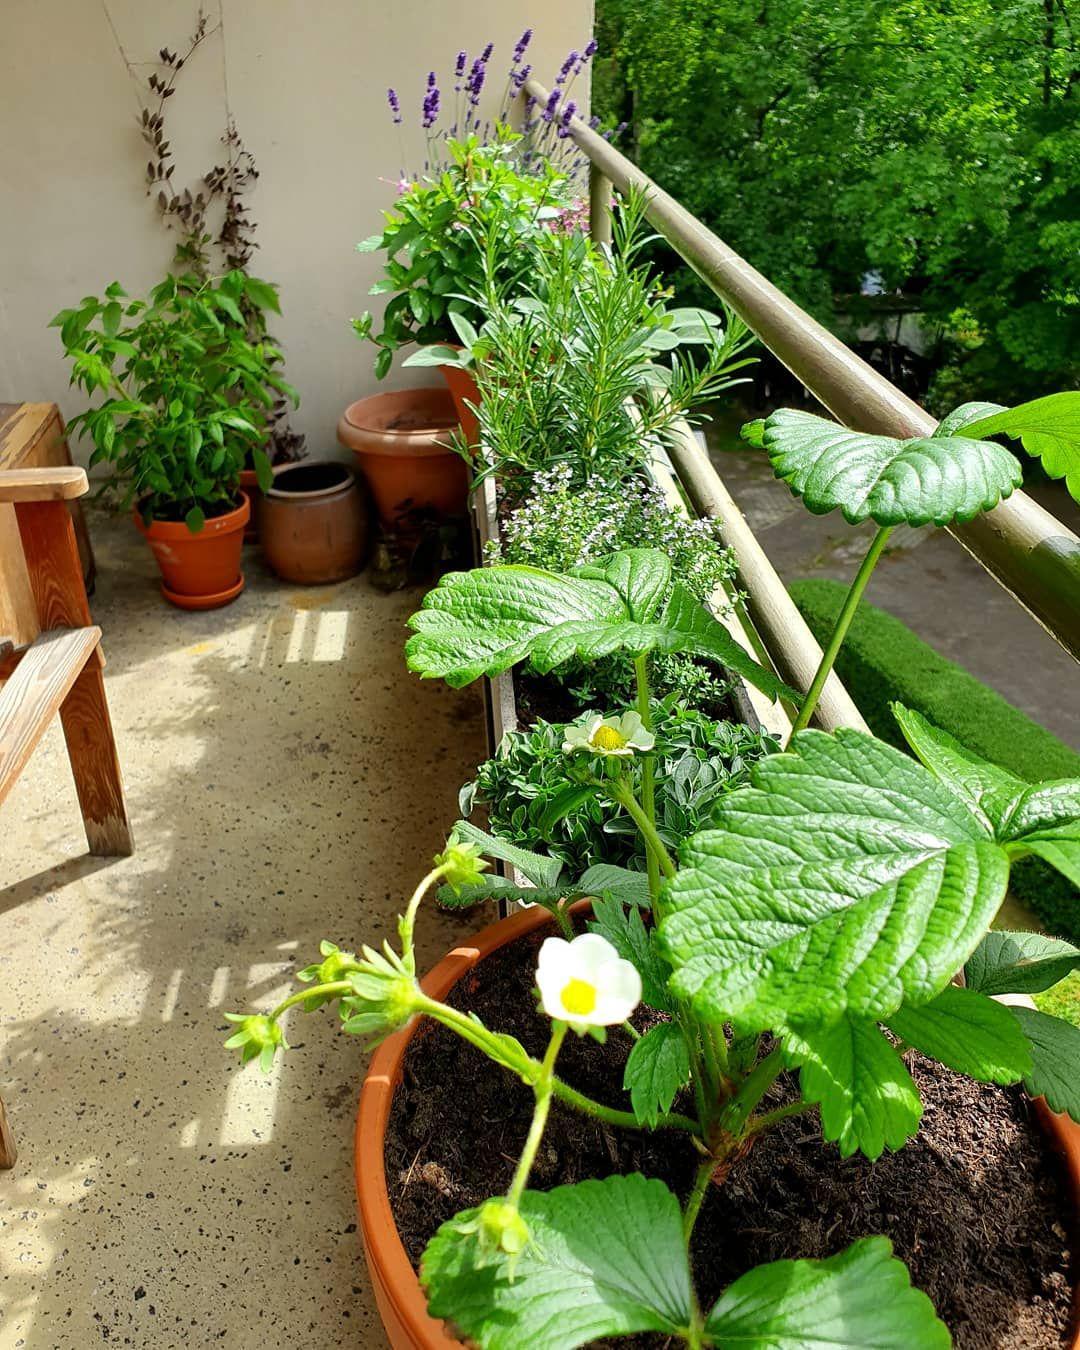 #myherbgarden 3.0  #herbs #garden #gardening #urbangardening #balcony #strawberry #thyme #lavender #blossom #flourishing #plasticfree #selfsufficiency #kräutergarten #stadtgarten #balkongarten #ausgleich #wohlfühloase #selbstversorgung #gesundesessen #bienenweide #nachhaltigkeit #nachhaltigleben #müllvermeidung #kräutergartenbalkon